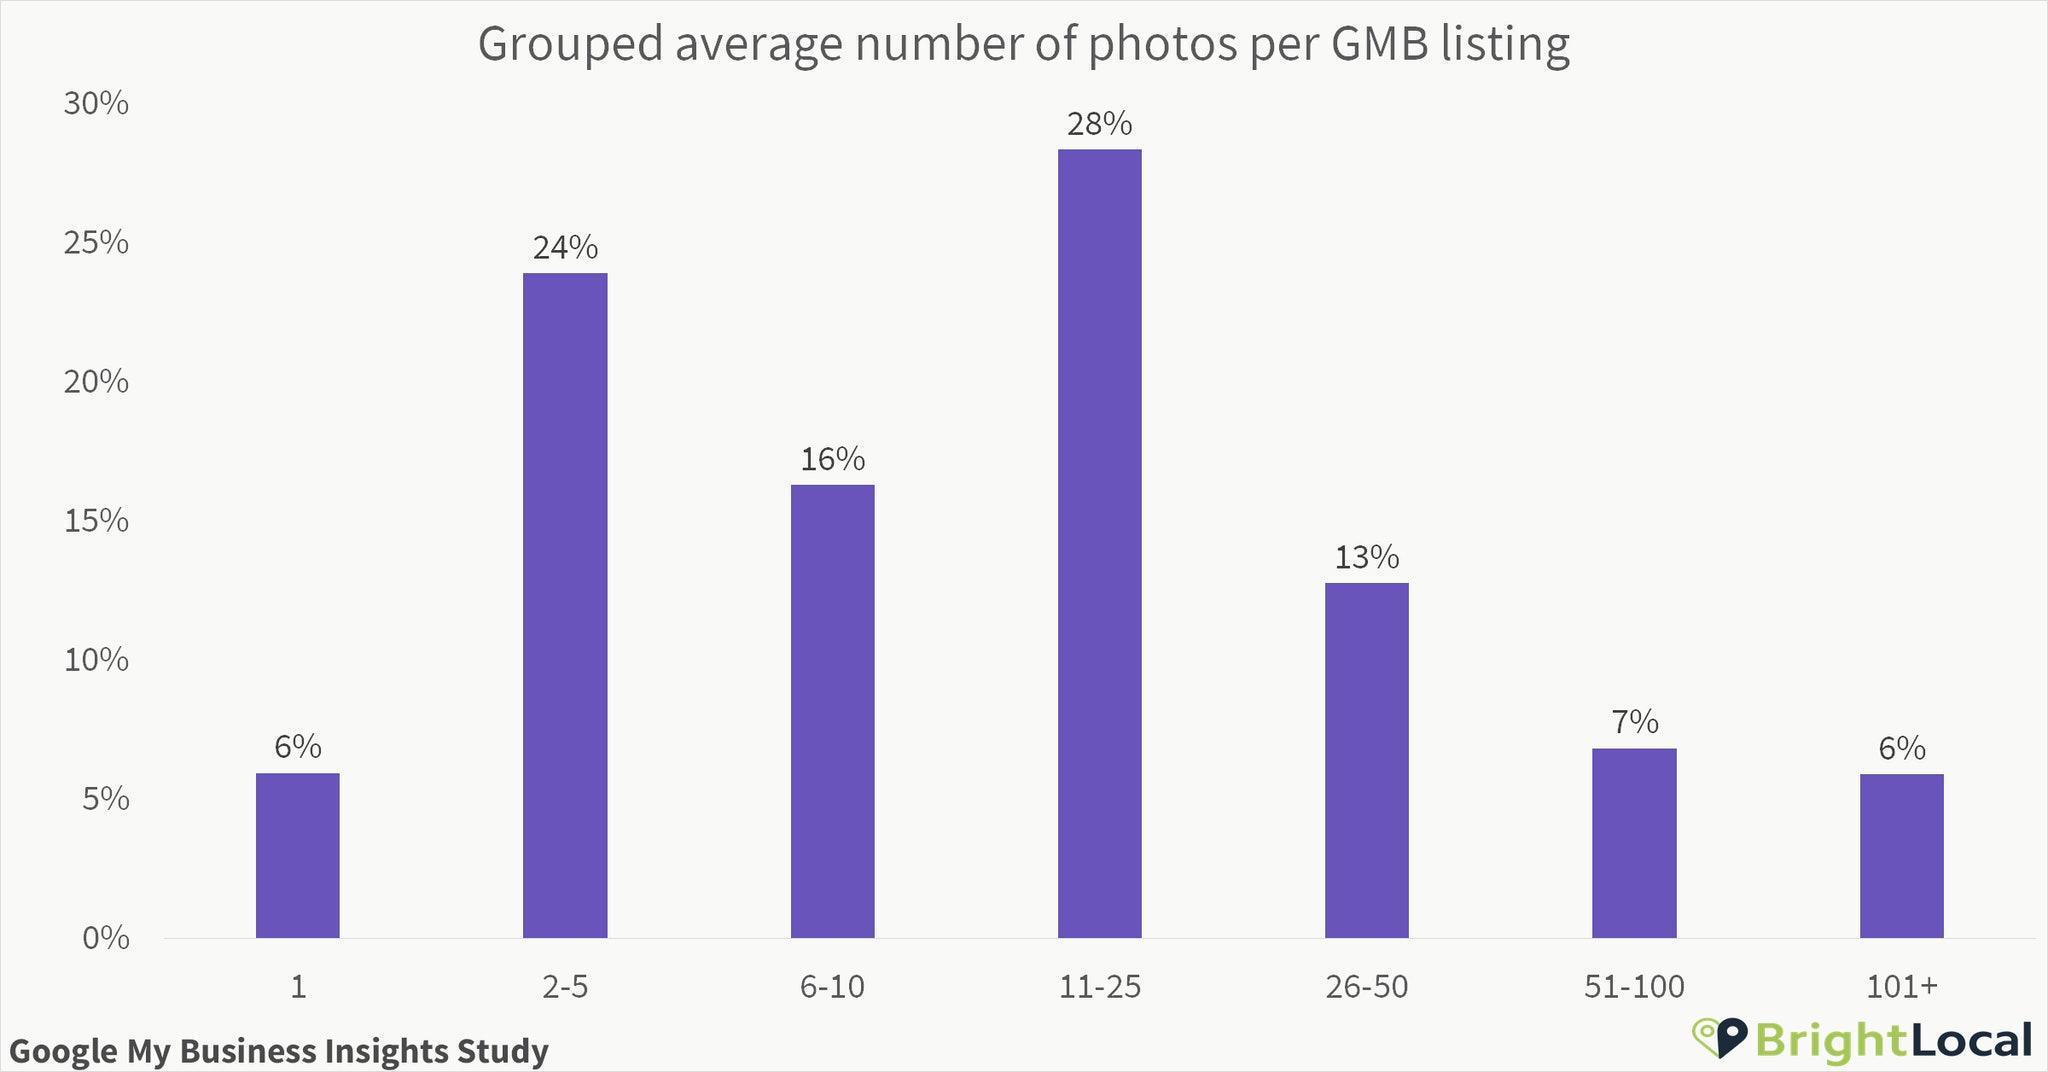 El número medio de fotos en los listados del GMB